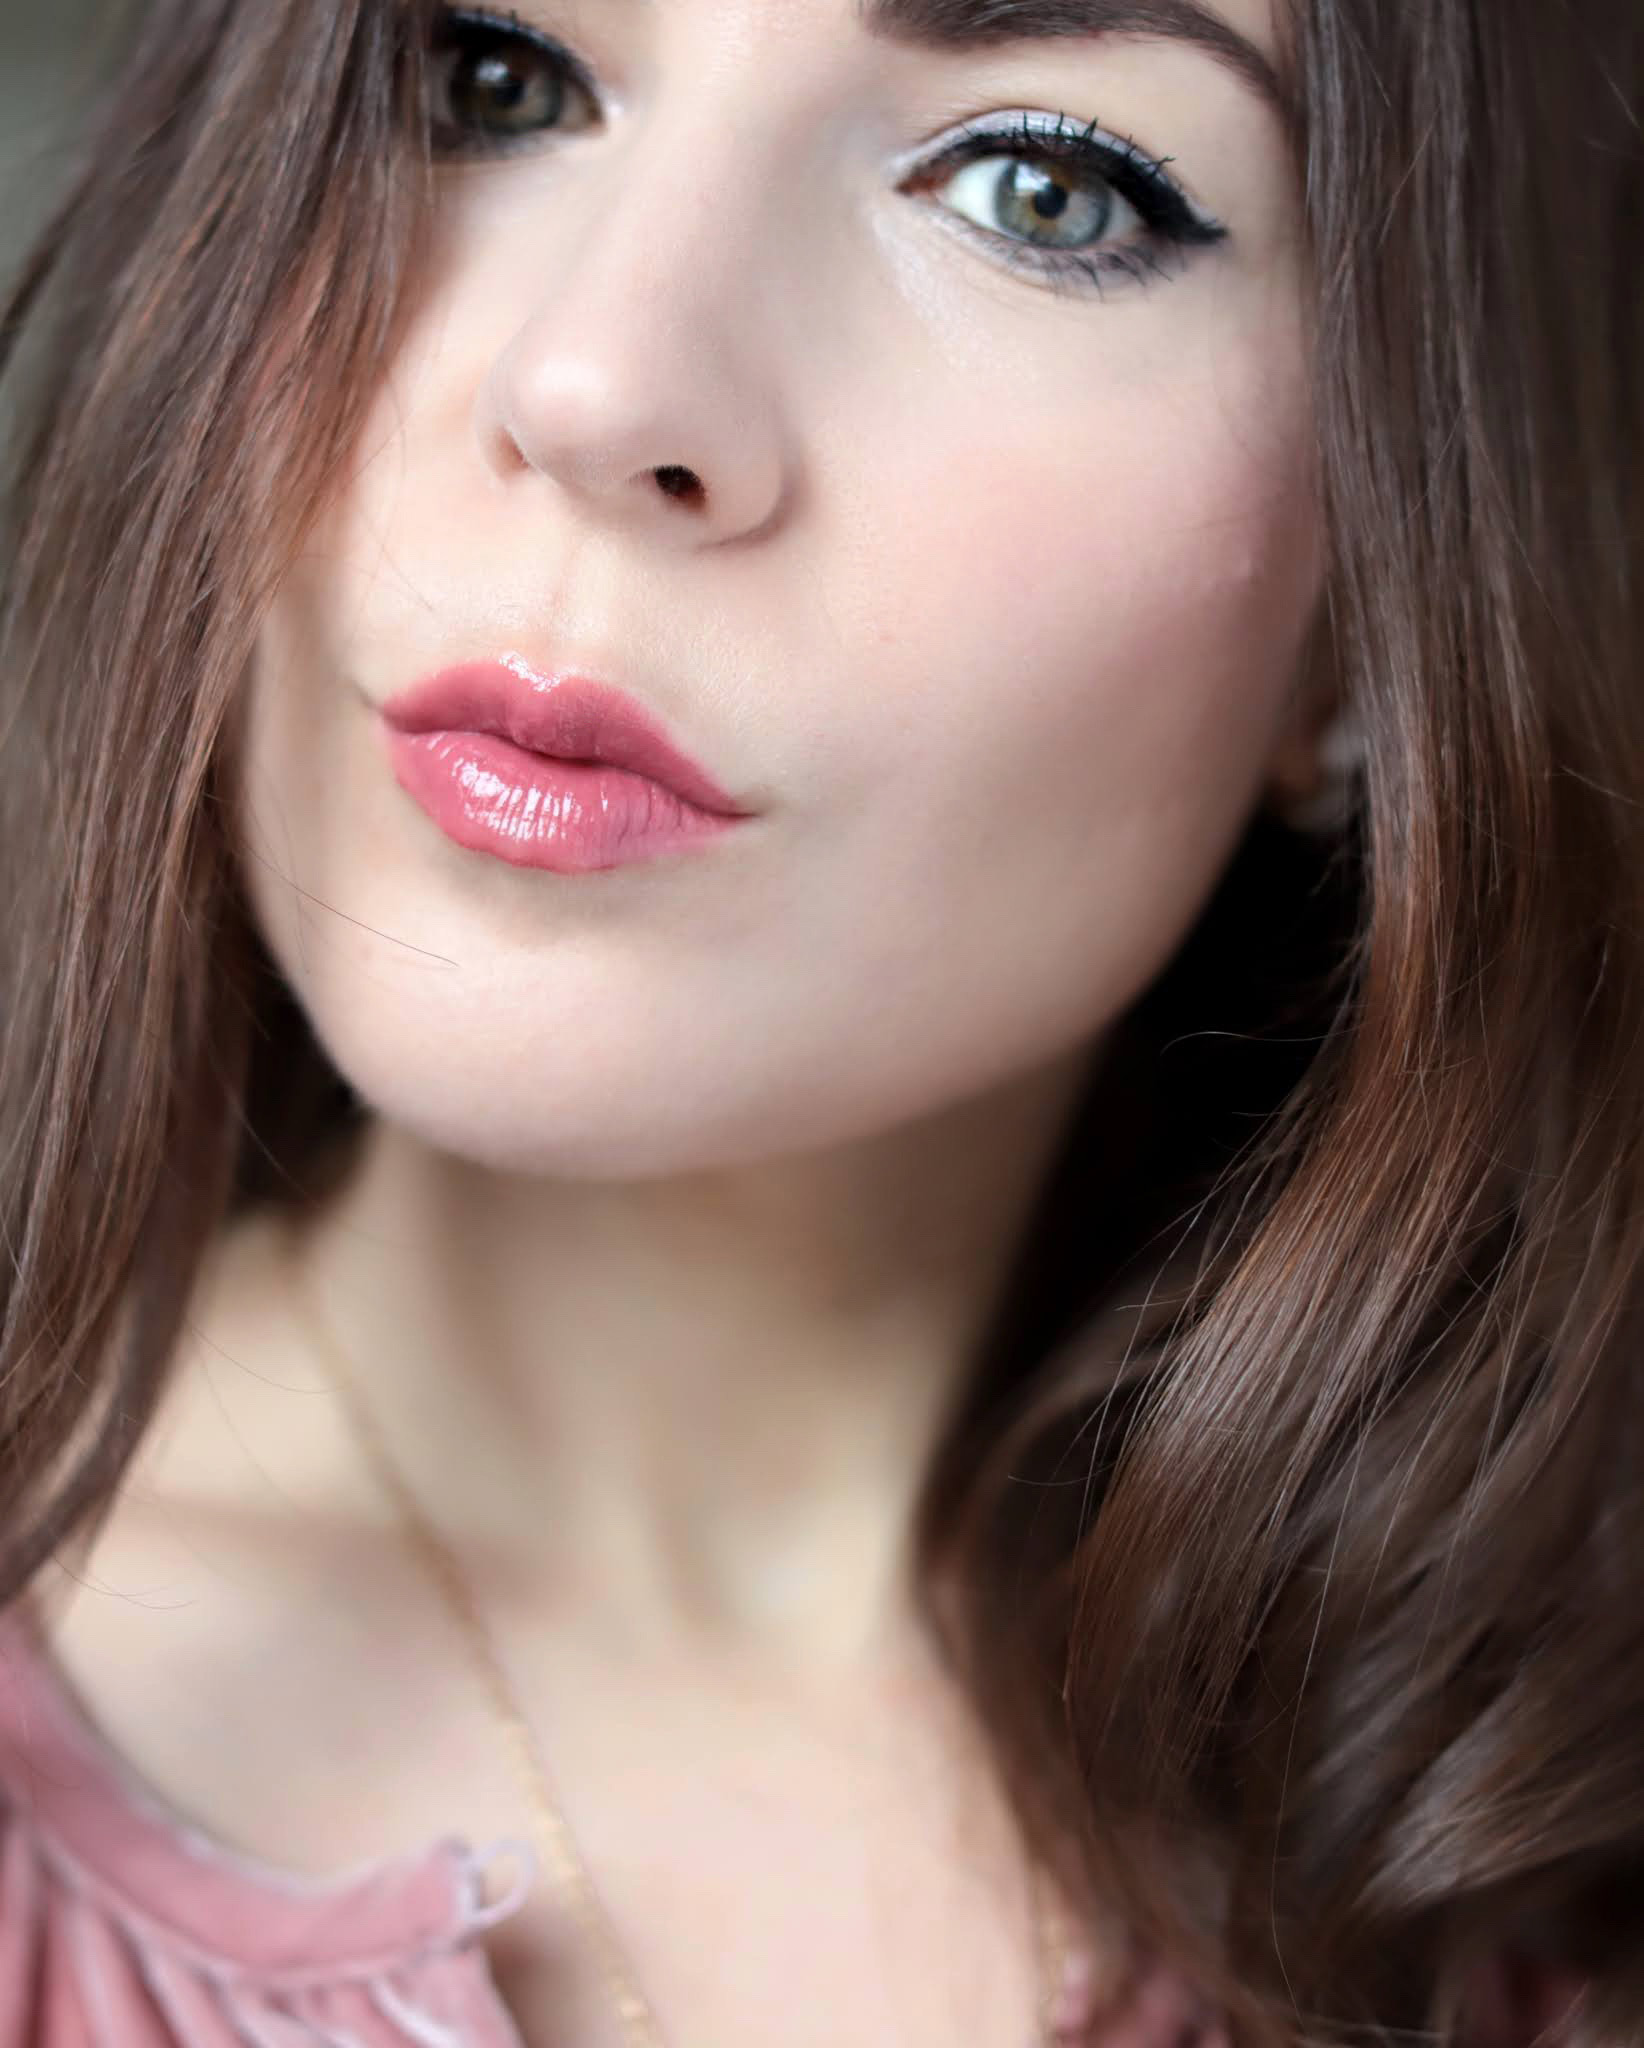 Charlotte Tilbury Happikiss Happilove